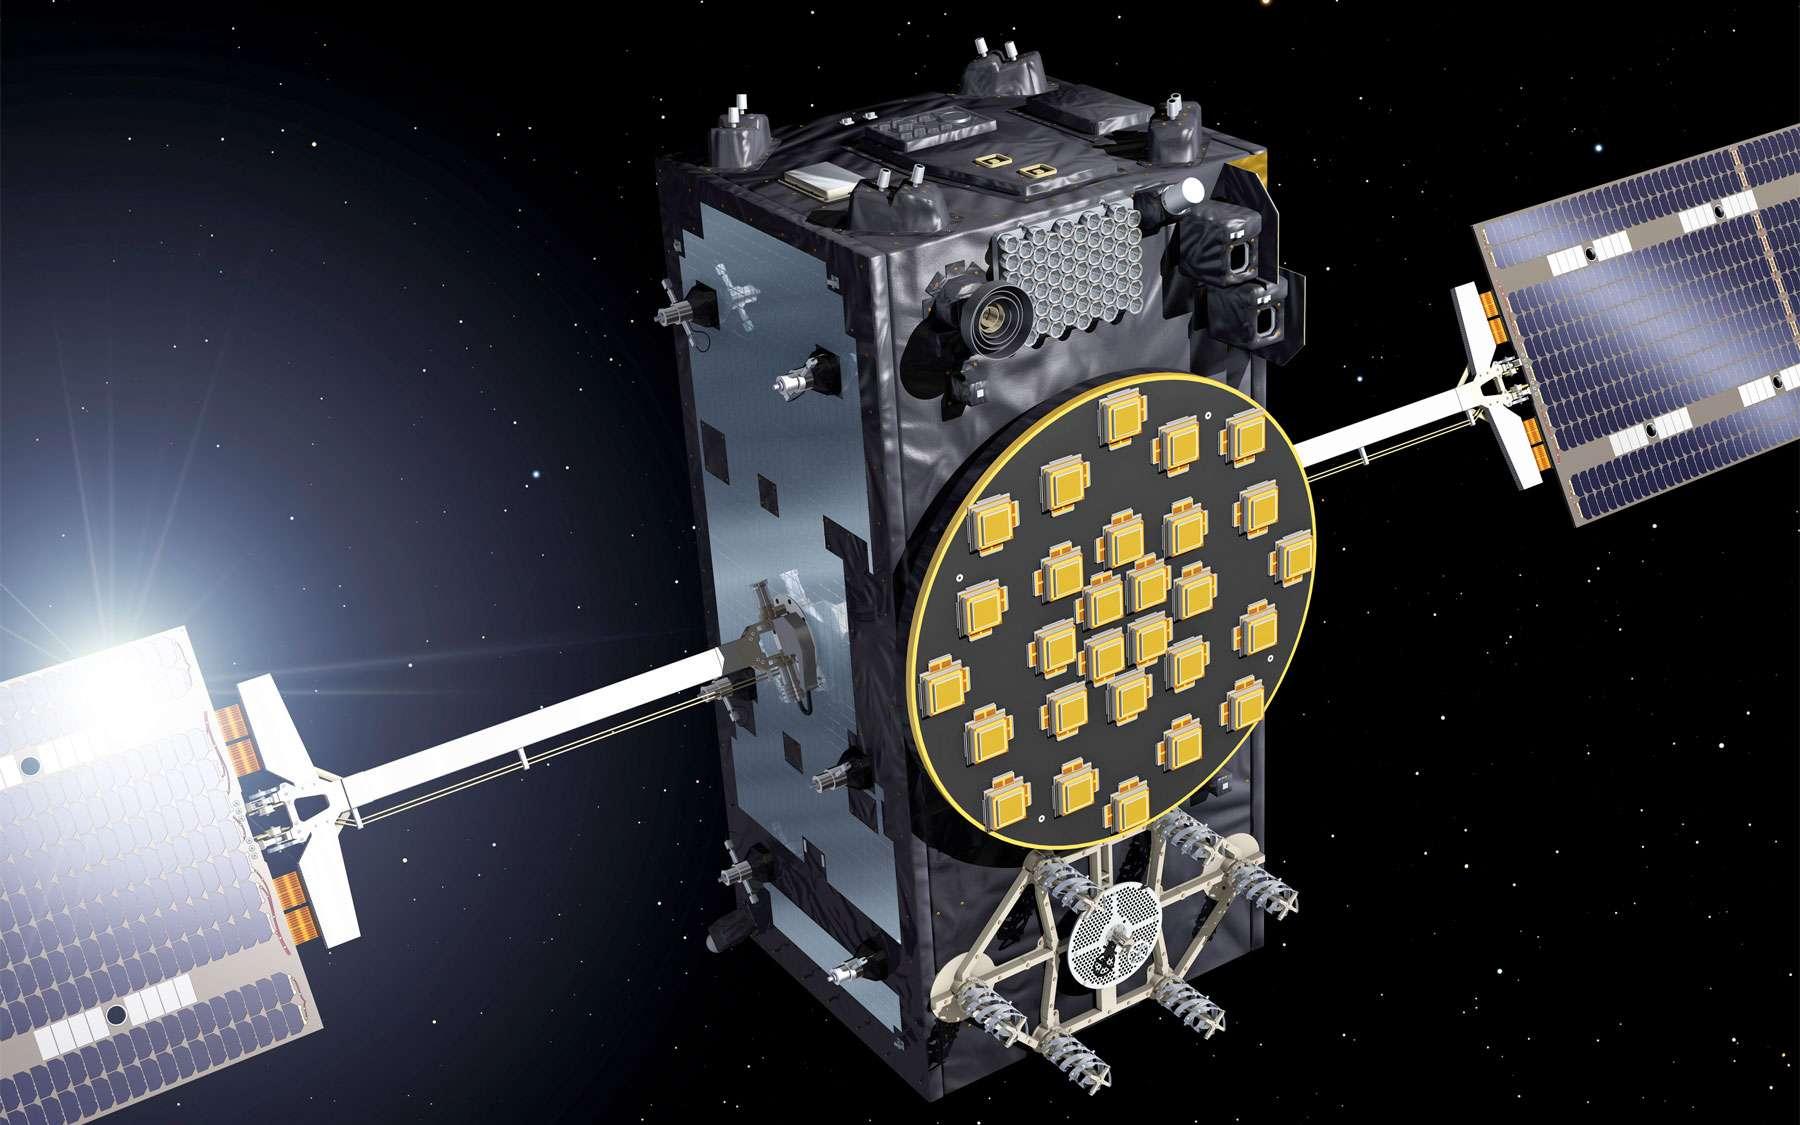 Installés sur une mauvaise orbite, les deux premiers satellites Galileo de la phase opérationnelle seront tout de même utiles à la constellation. Ils ne pourront pas servir au fonctionnement même de la constellation Galileo, donc au positionnement, la fonction de ce GPS européen, mais seront utilisés à des fins de validation et de test. © Esa, J. Huart